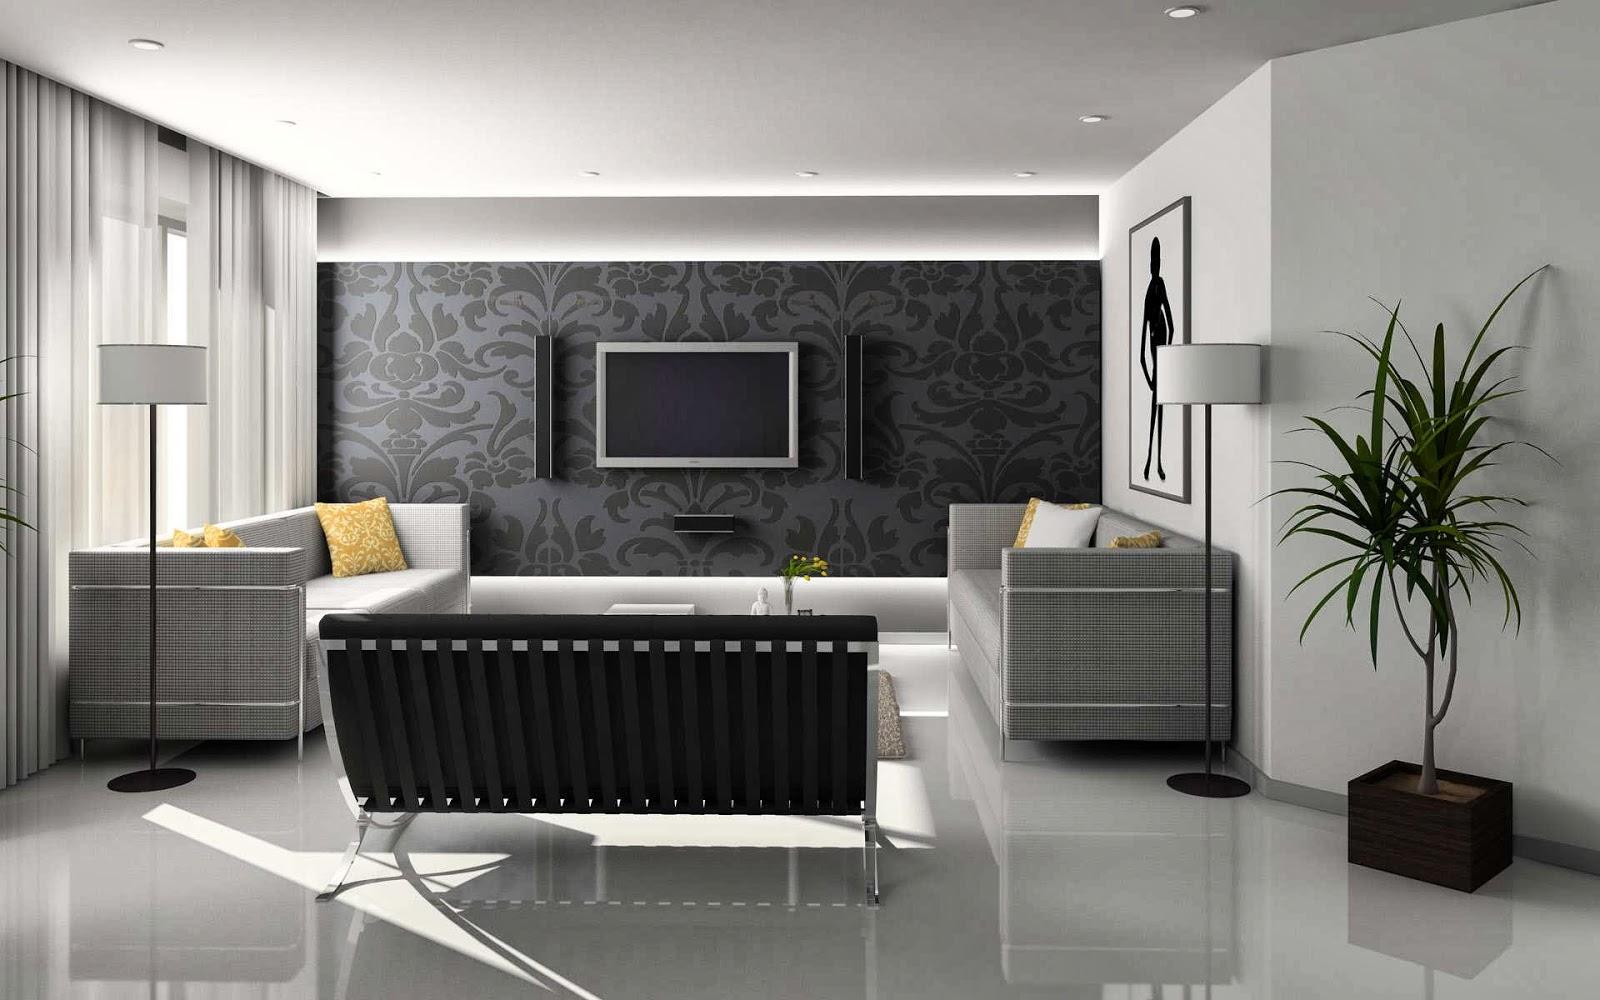 Desain Interior Rumah Minimalis Terbaik Kudesain Rumahmu